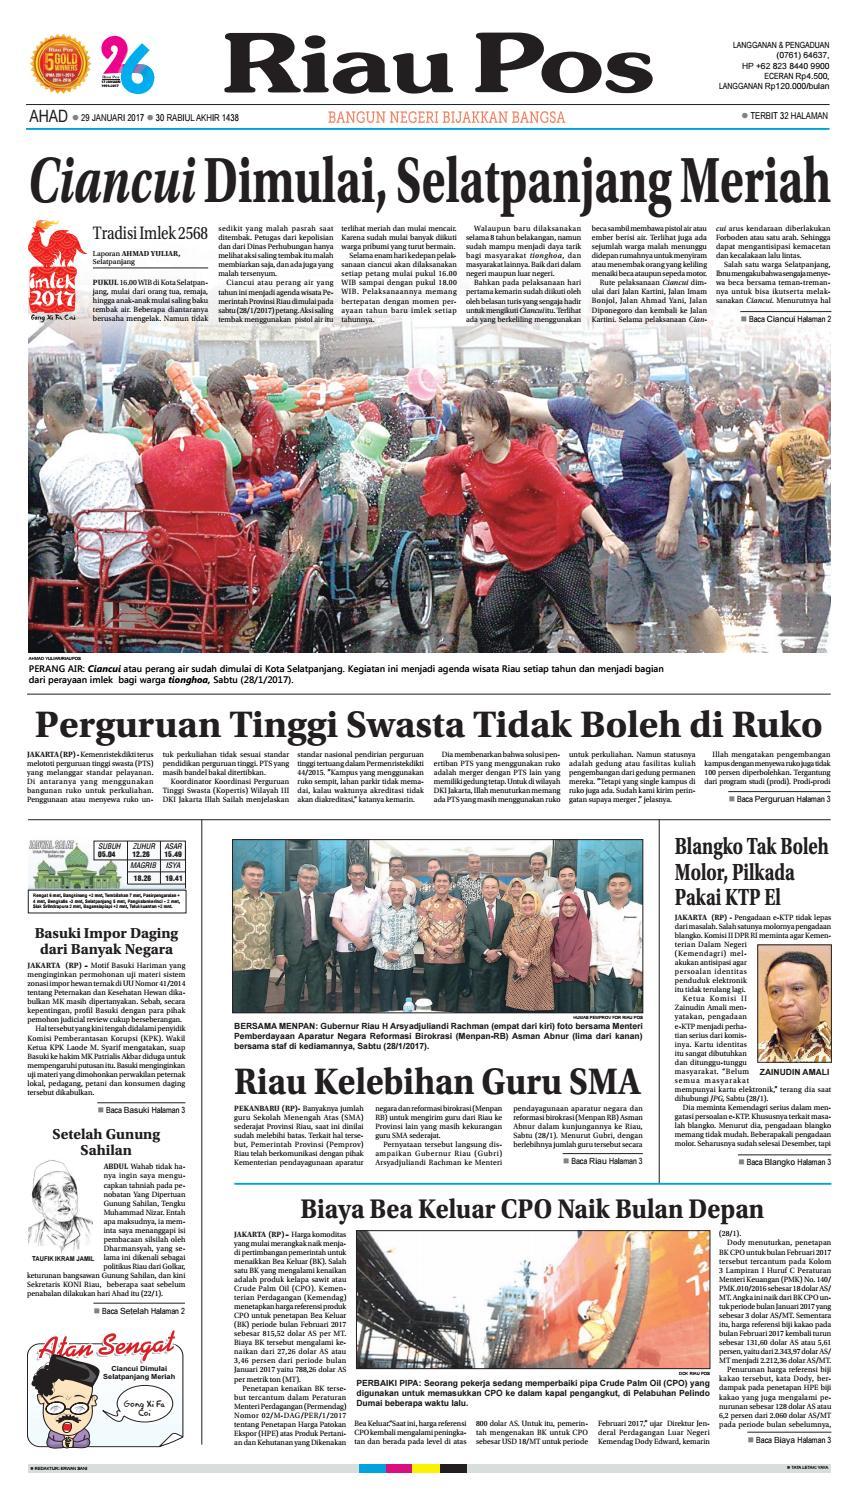 217 01 29 By Riau Pos Issuu Kebab Pisang Coklat Champlo Sf